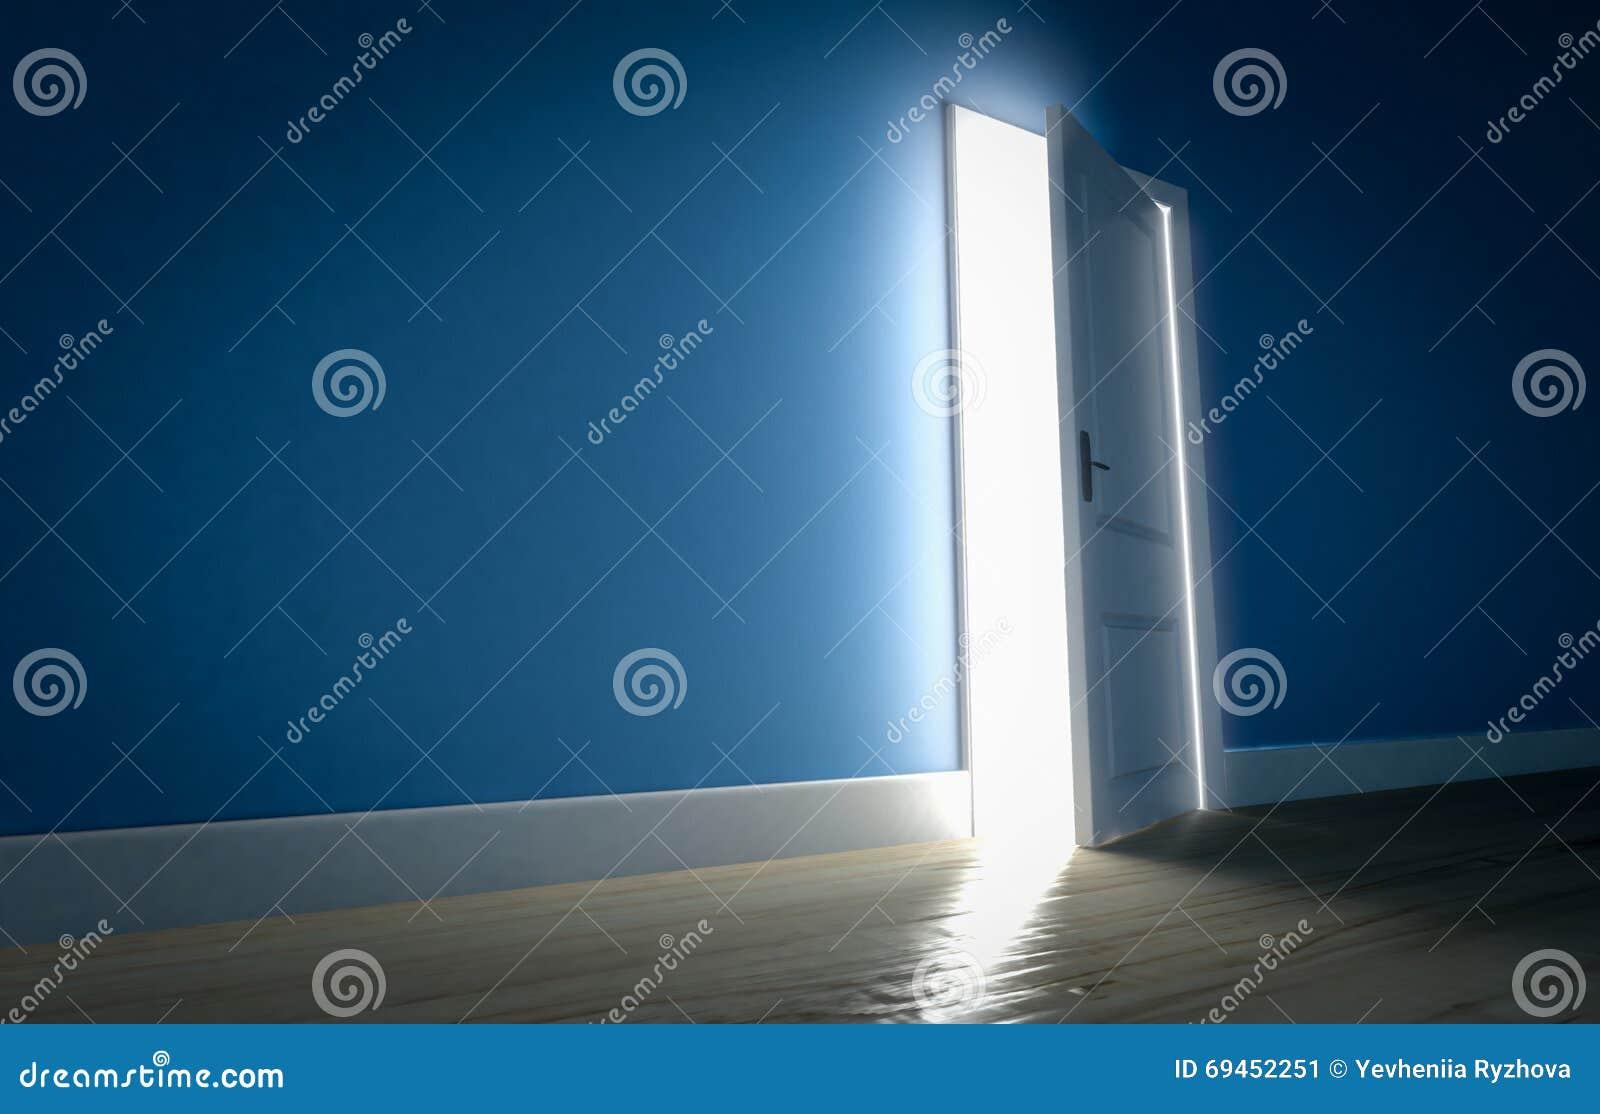 Dark room with light through door - Light Shining Through Open Door In Dark Room With Blue Walls And Stock Image